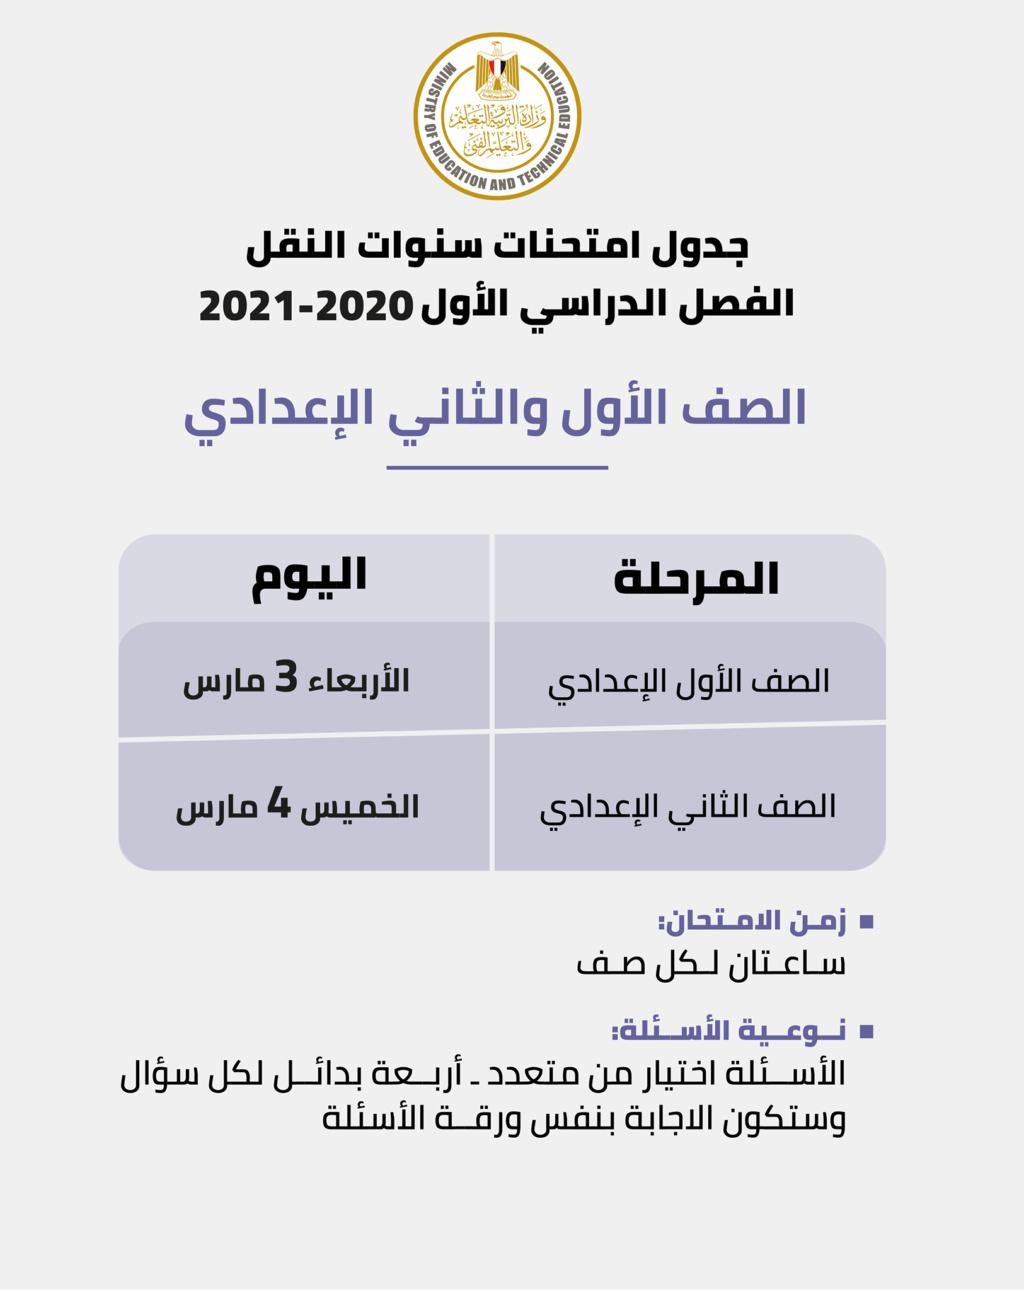 تفاصيل امتحانات العام الدراسي ٢٠٢٠-٢٠٢١ لكل المراحل 2129